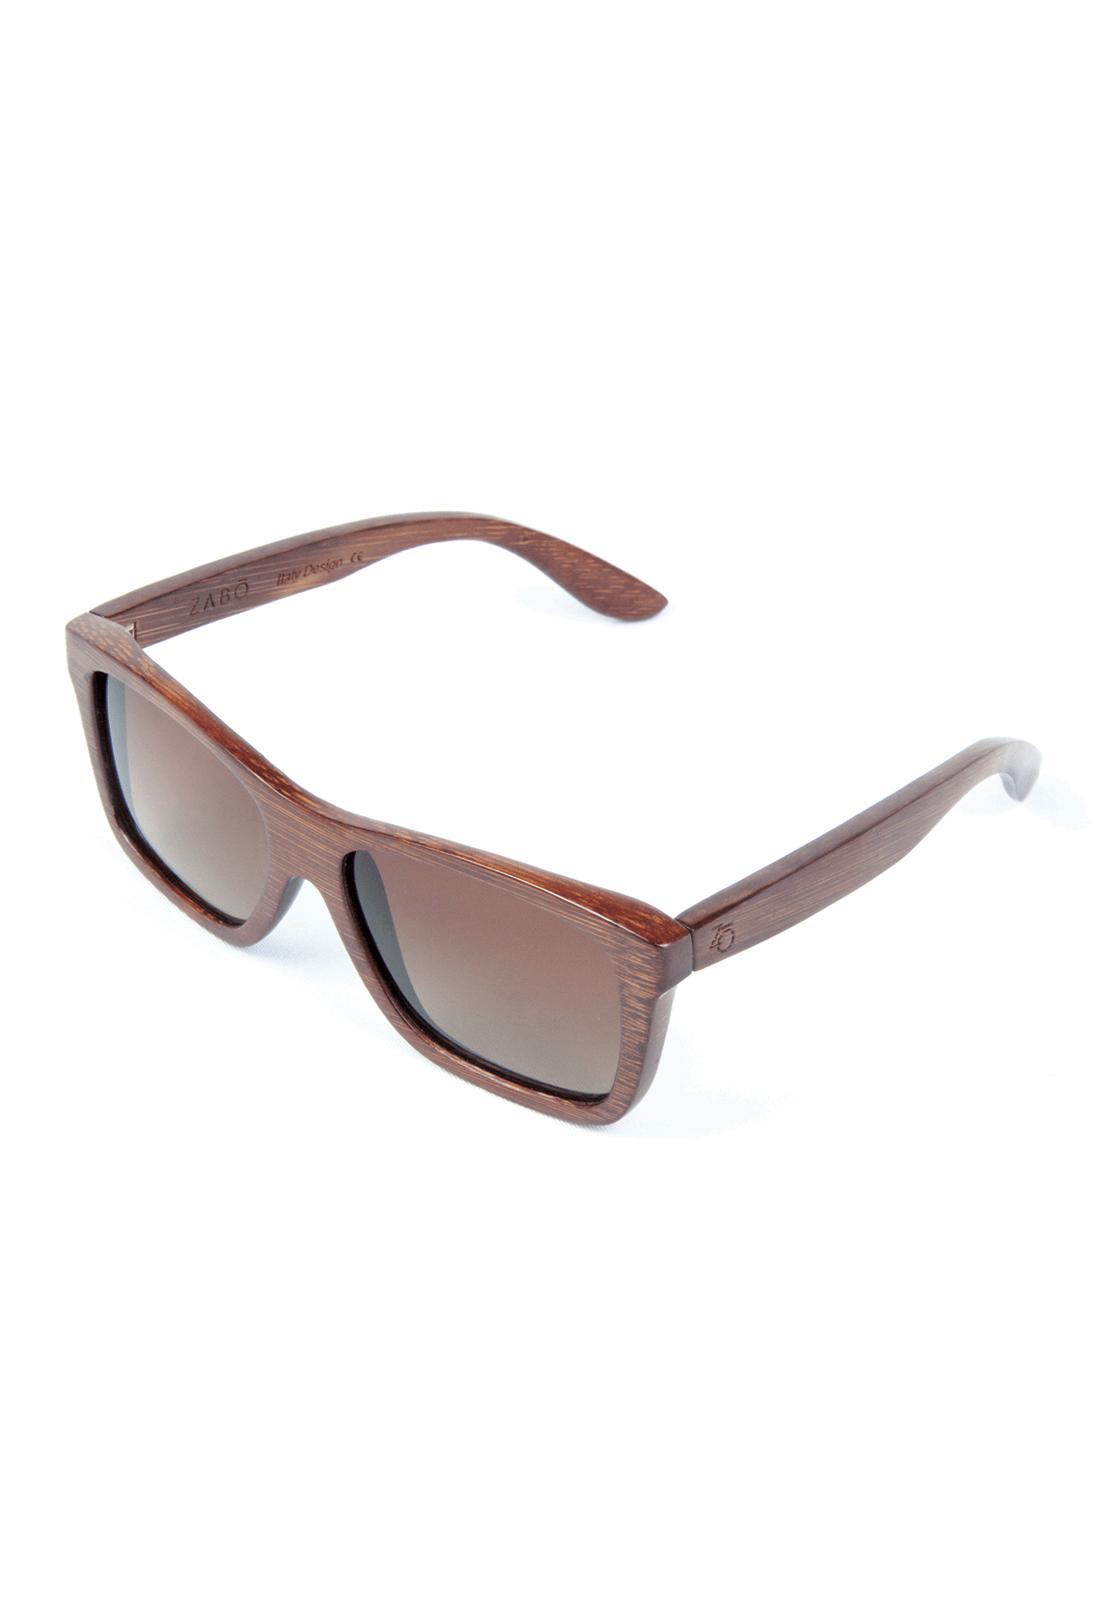 89be06db40 Óculos de Sol Polarizado em Madeira Bambu Zabô Atacama – Lente Brown